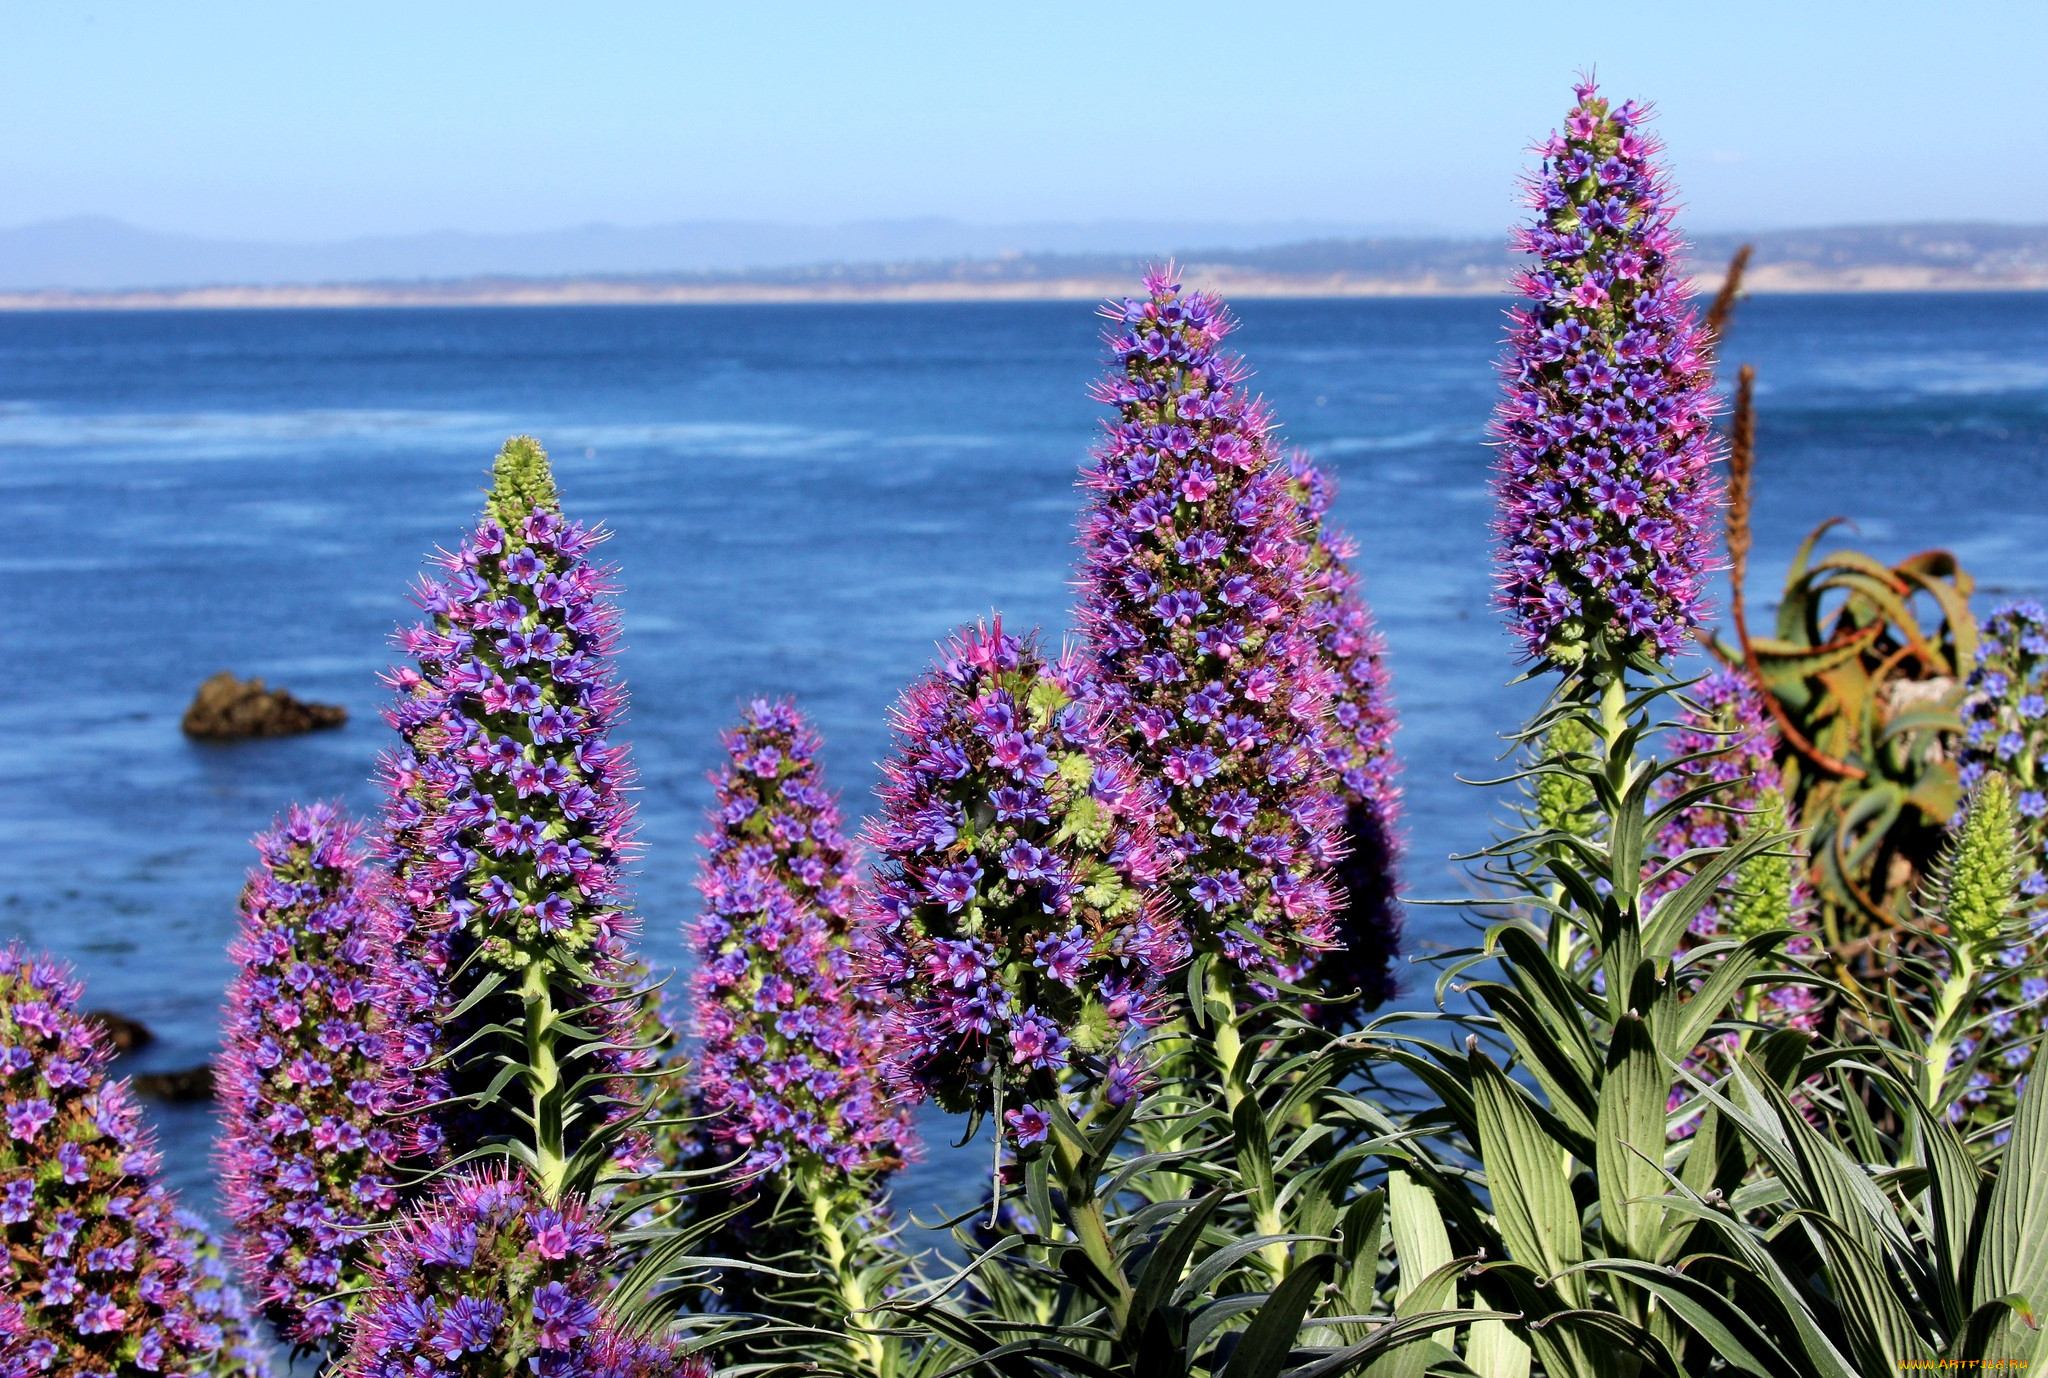 море фиолетовых цветов картинки татар иногда значительно